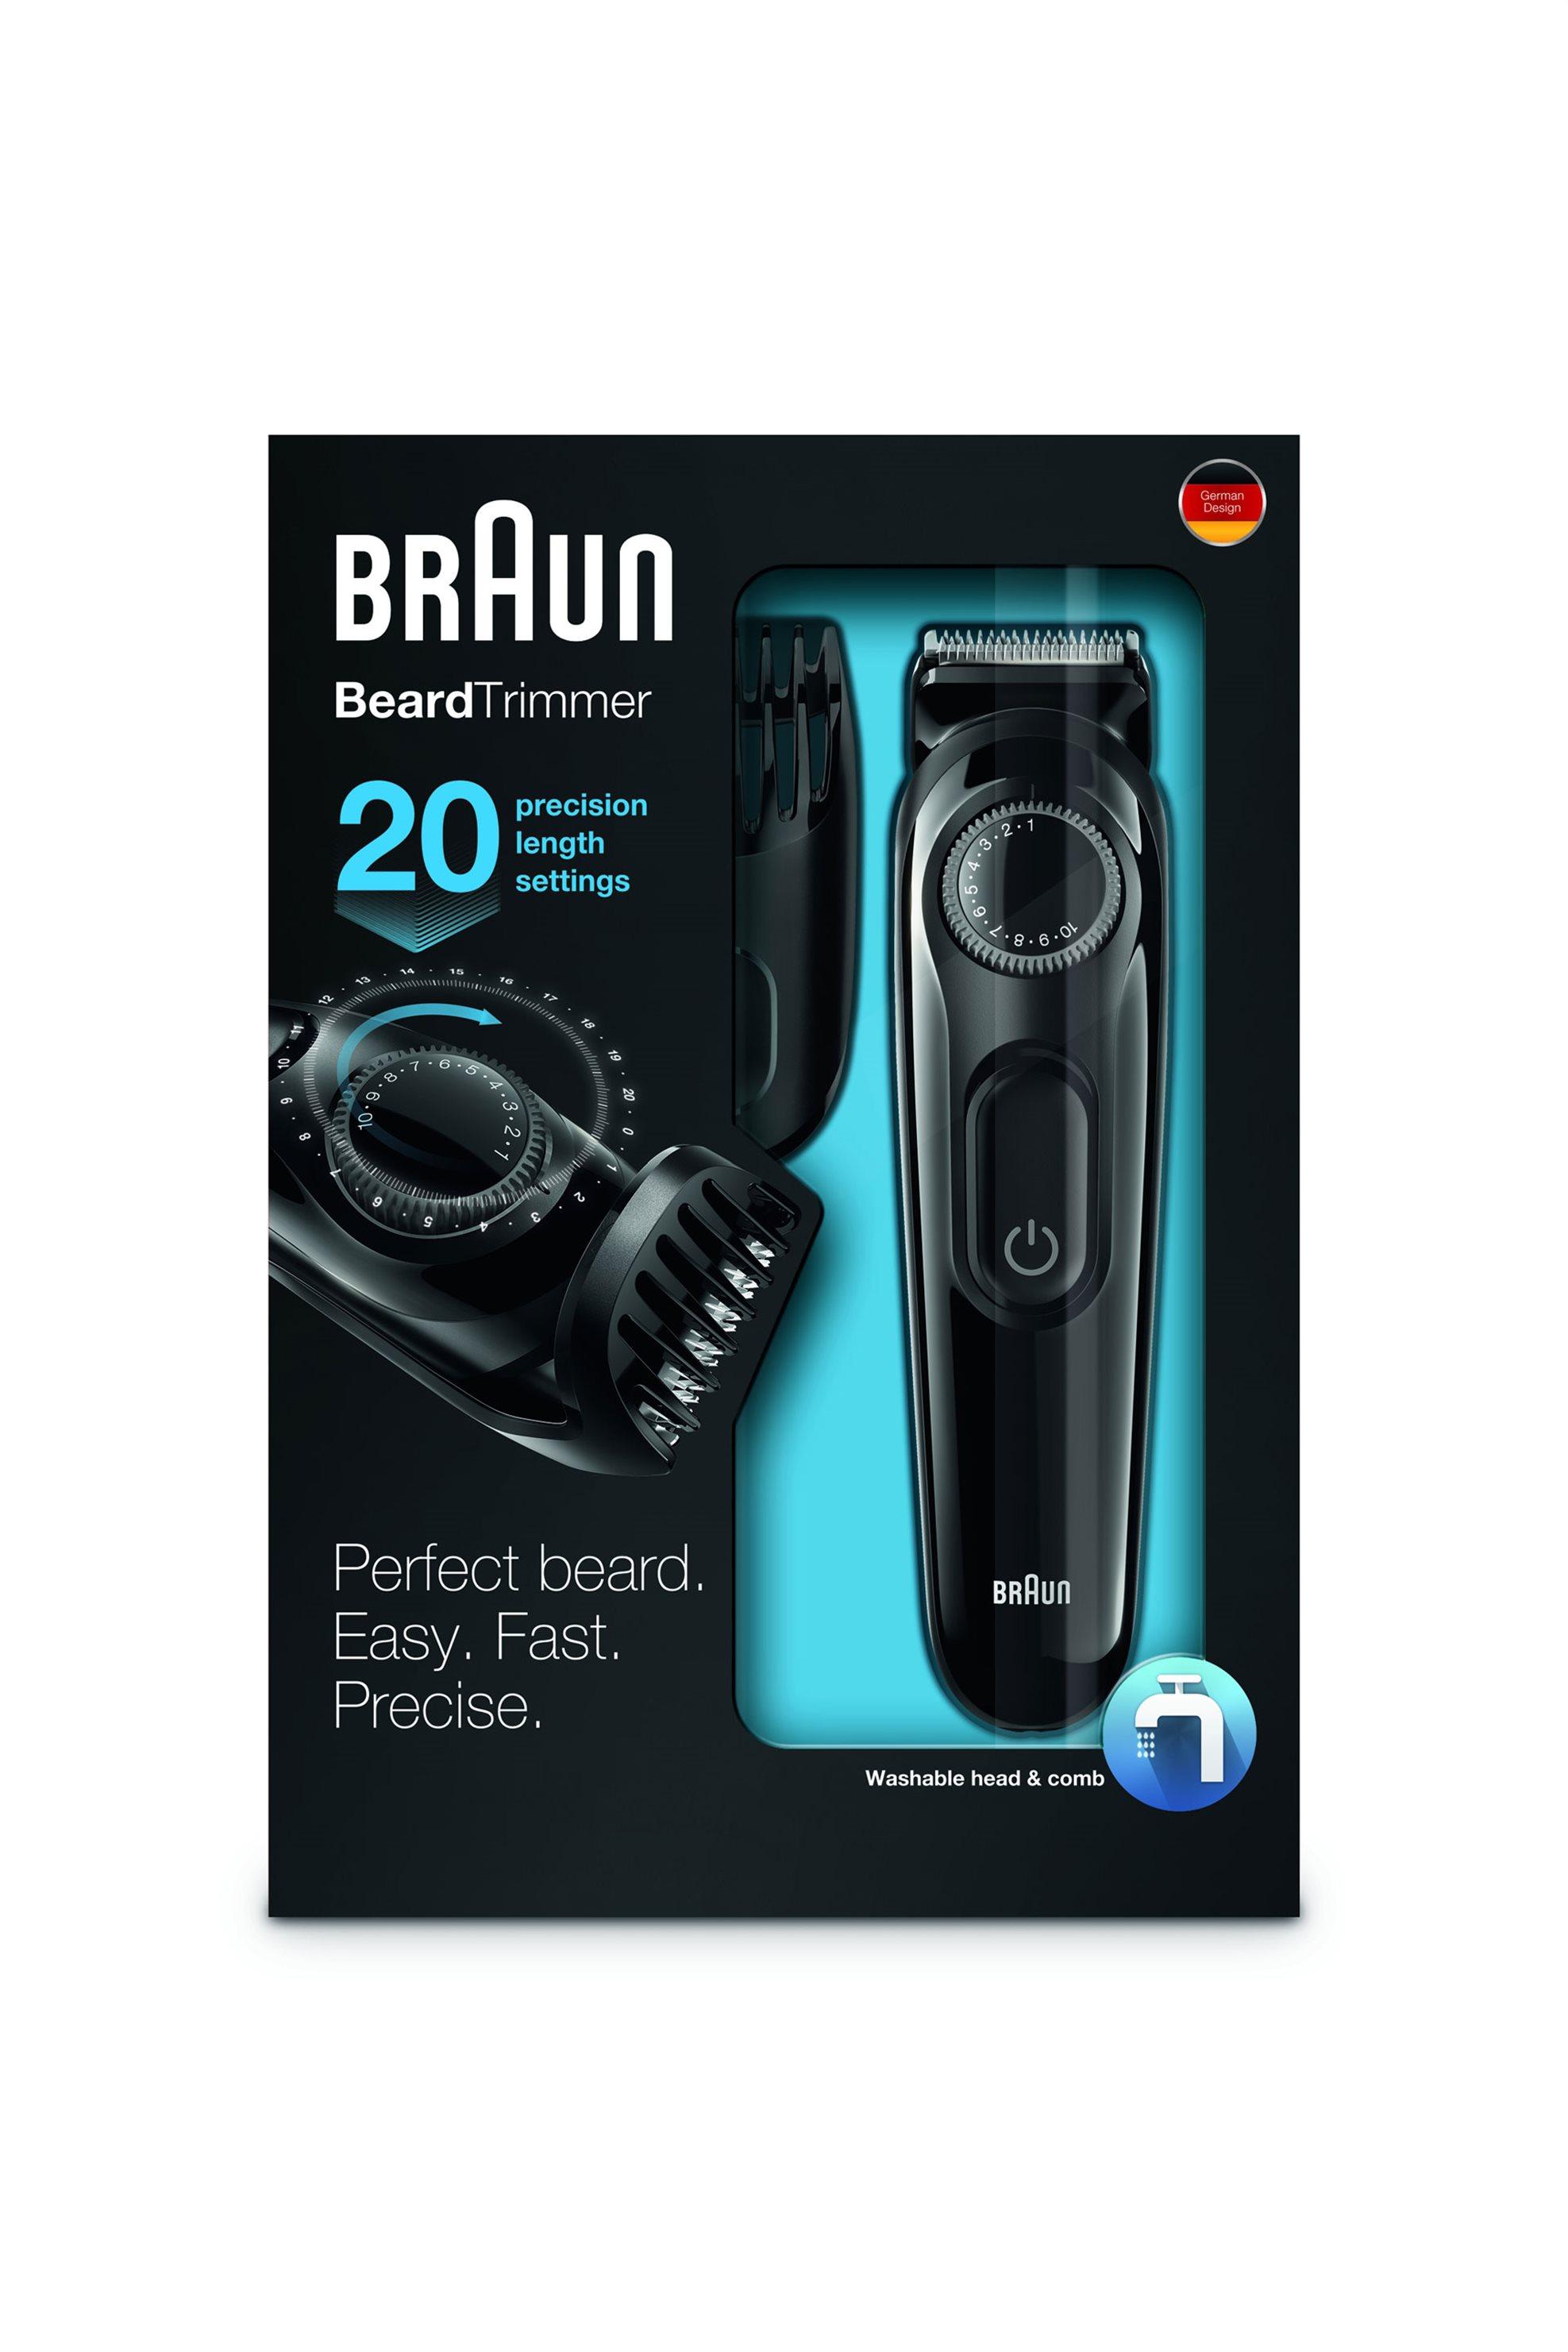 Ηλεκτρική μηχανή περιποίησης γενειάδας ΒΤ3020 Braun - BT3020 home   συσκευεσ περιποιησησ   ξυριστικές μηχανές